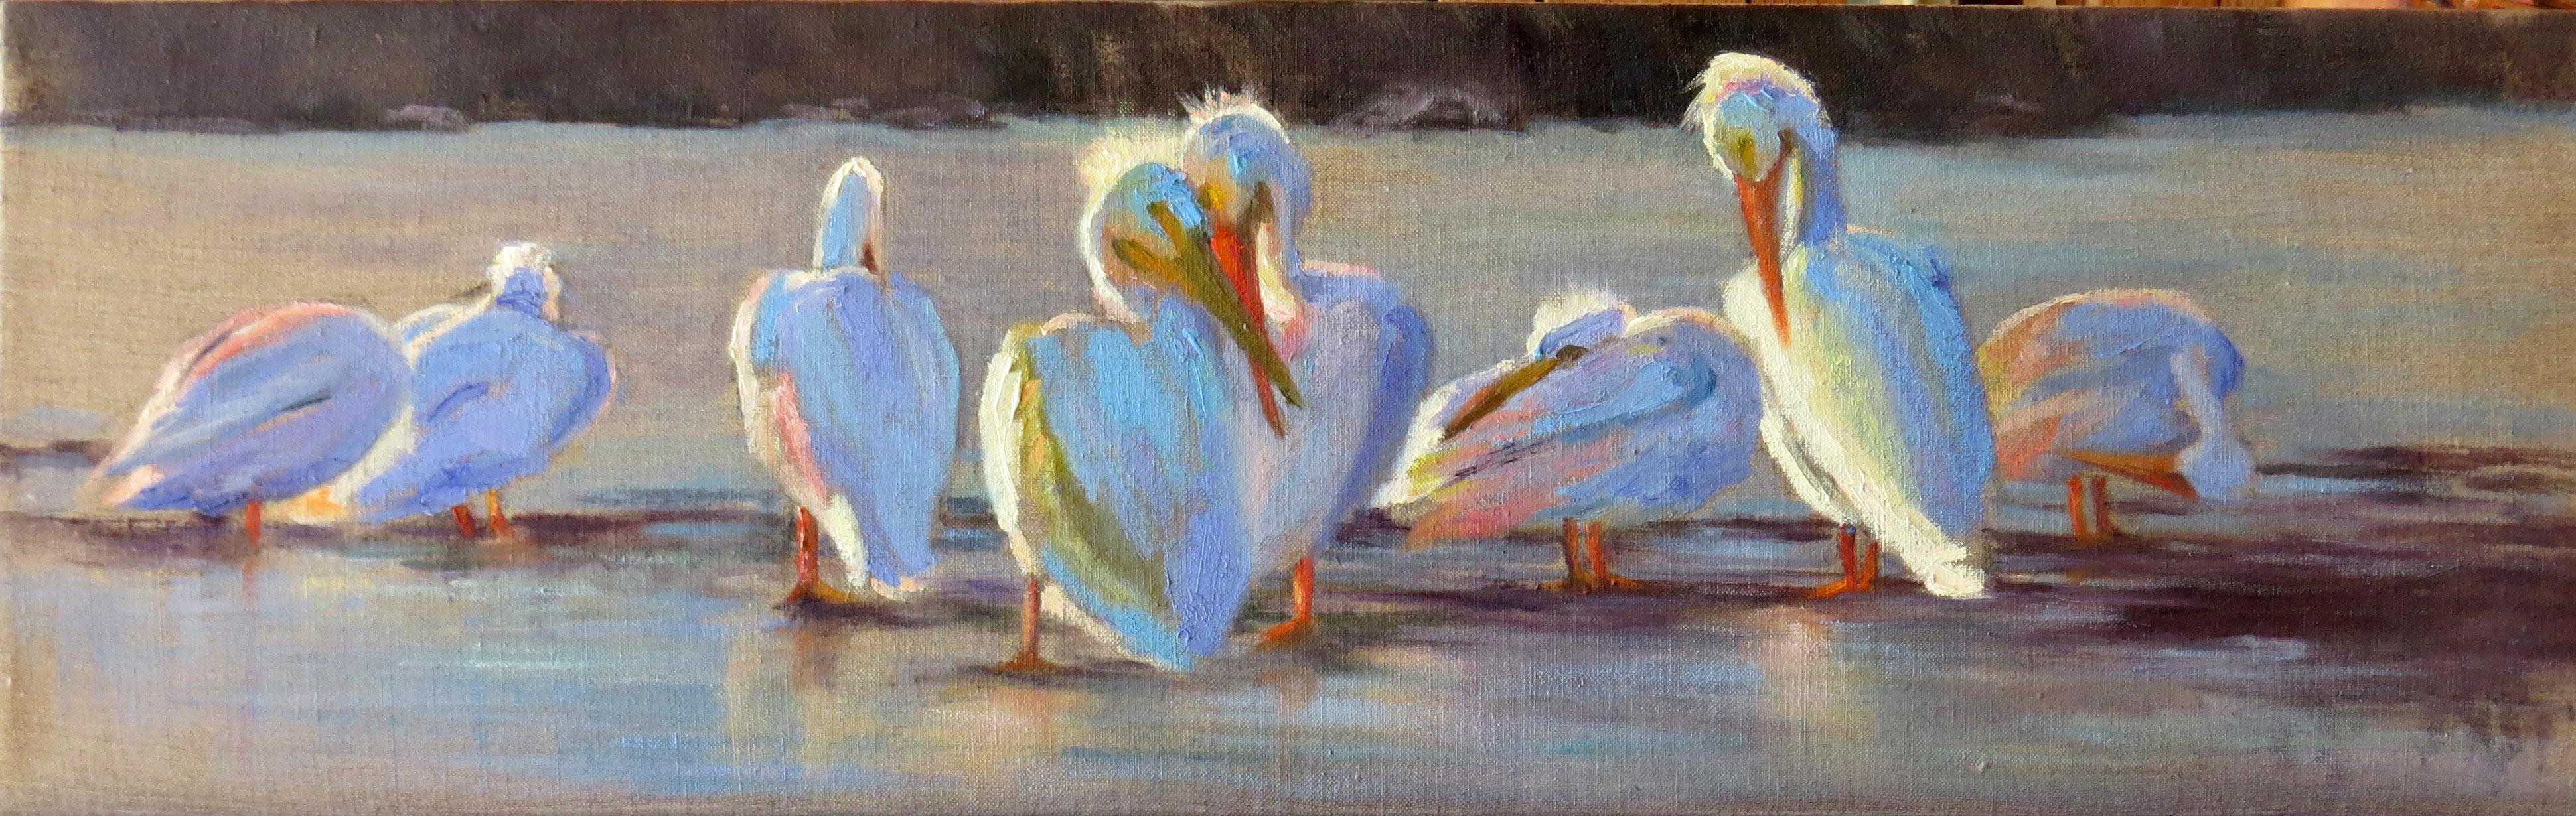 Pelican Line Up - study